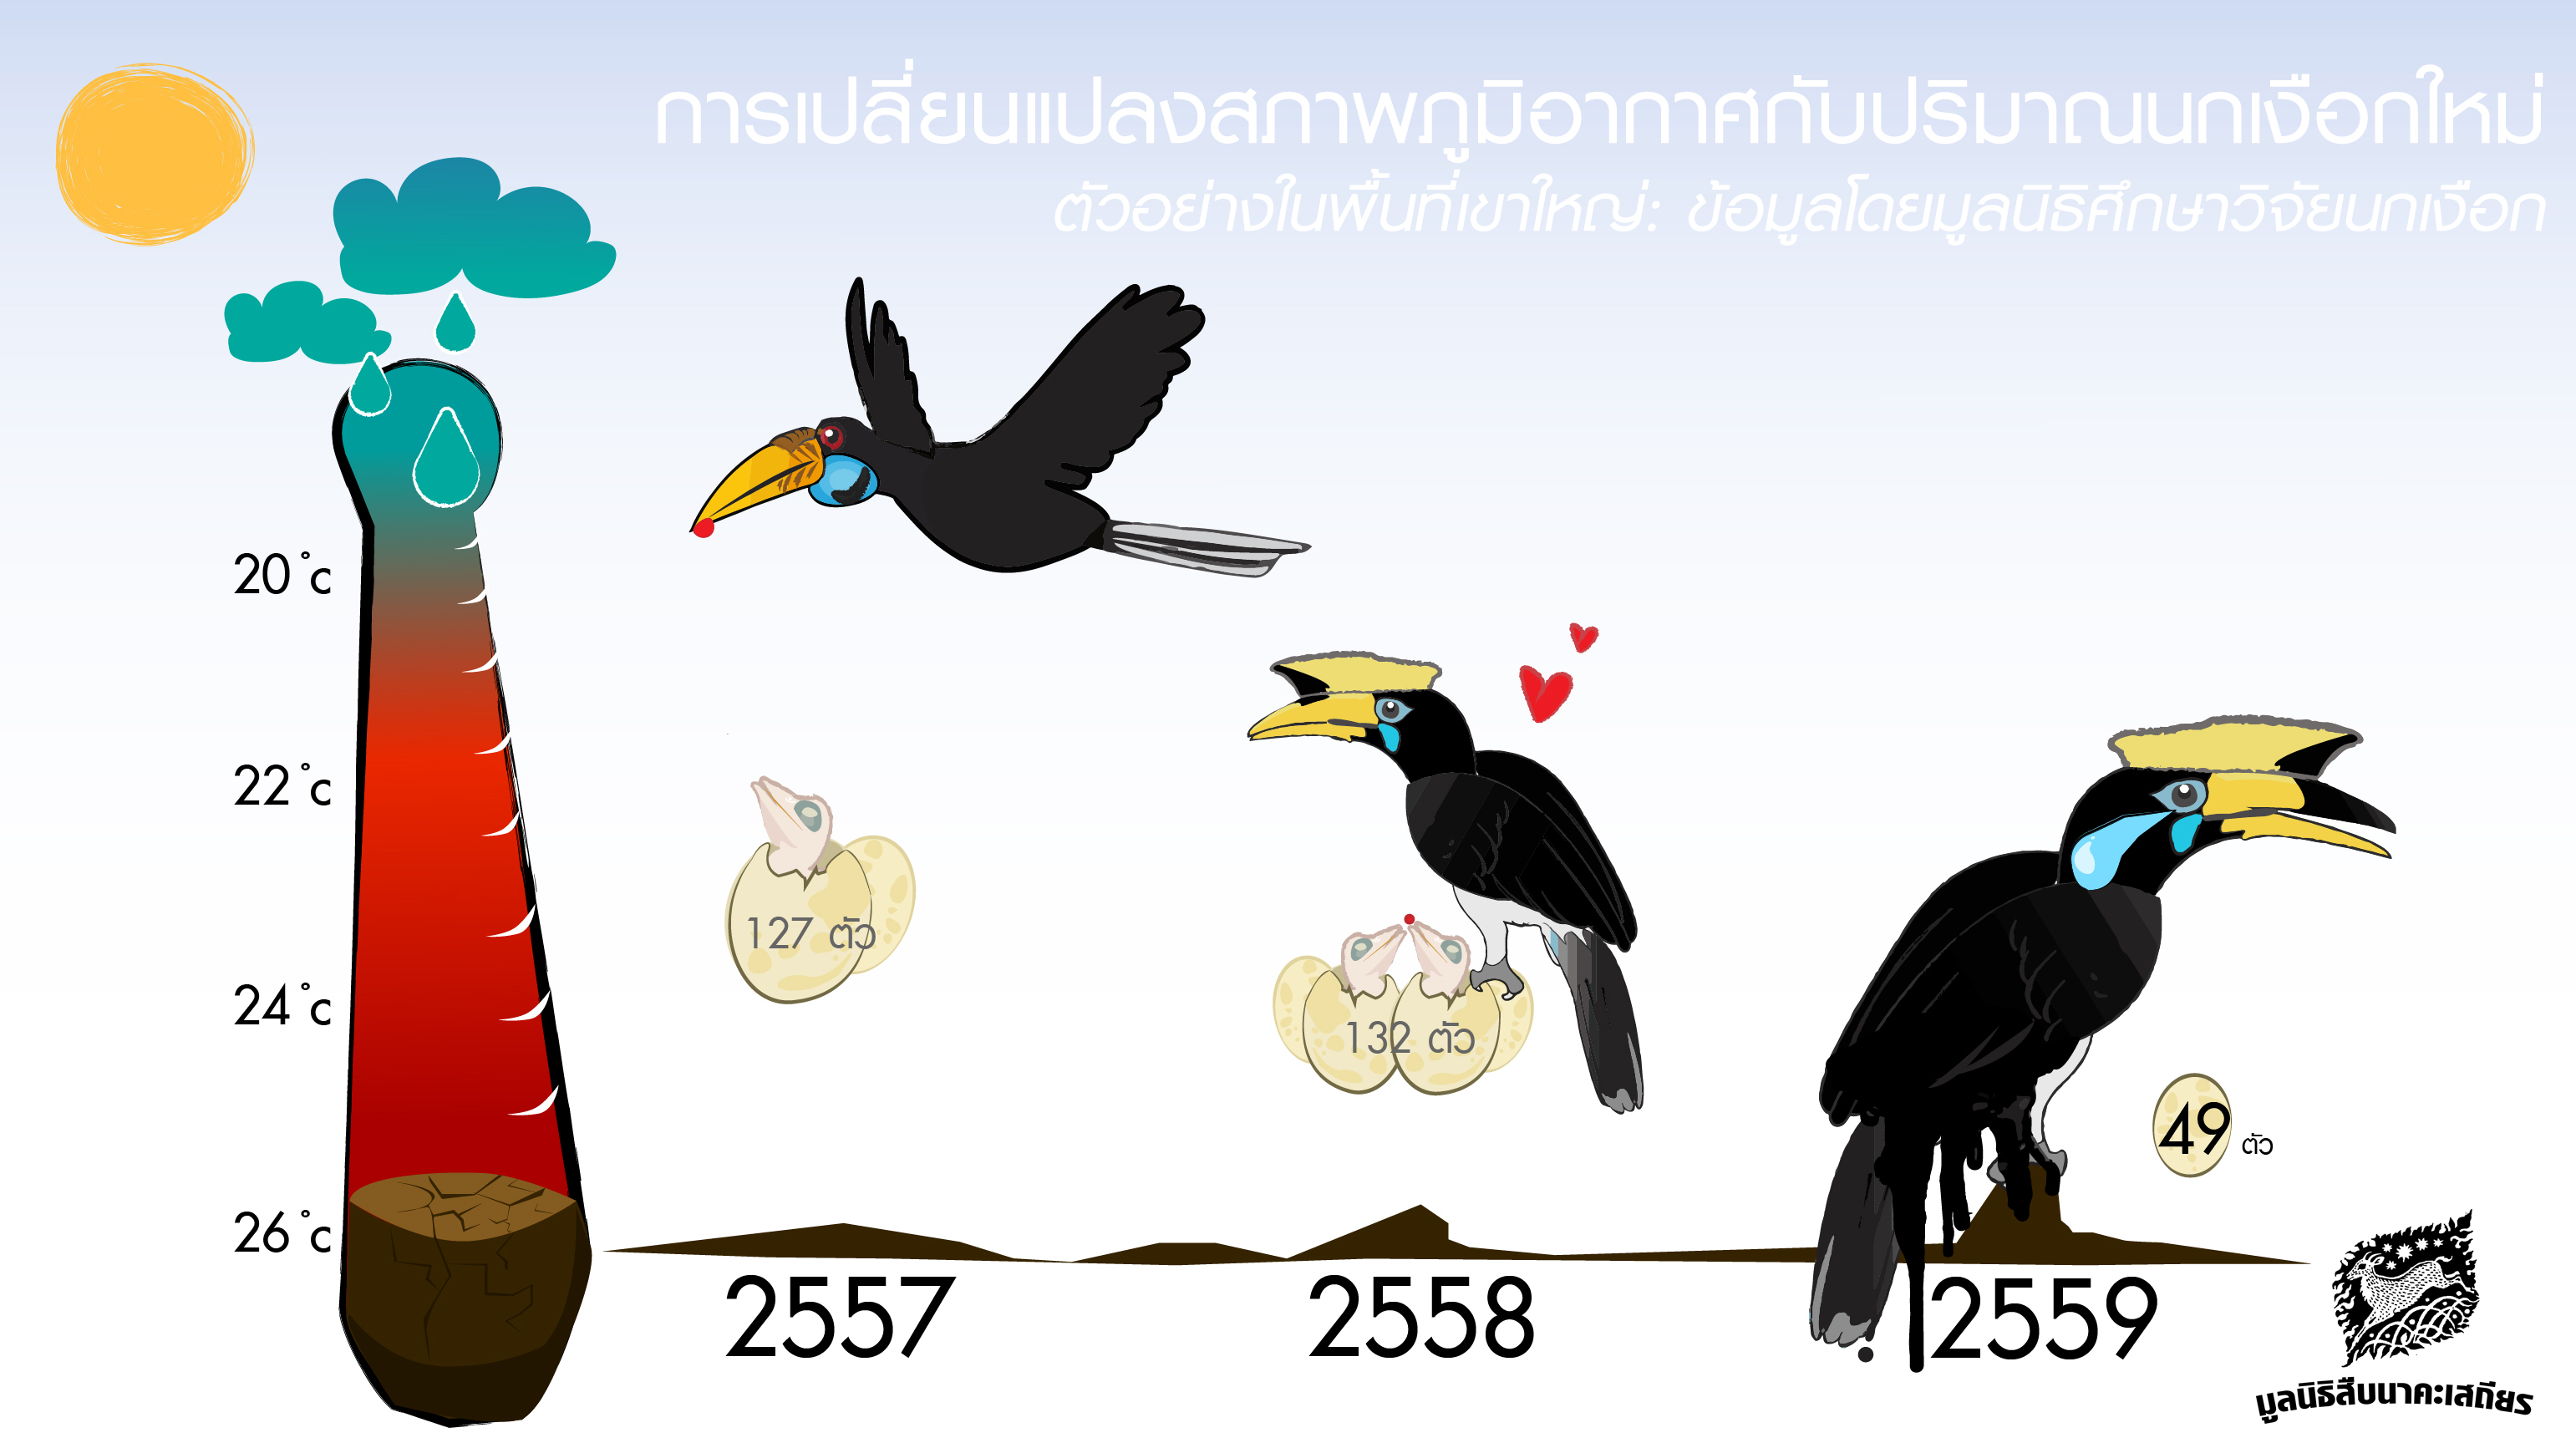 การเพิ่มประชากรนกเงือกกับภาวะโลกร้อน